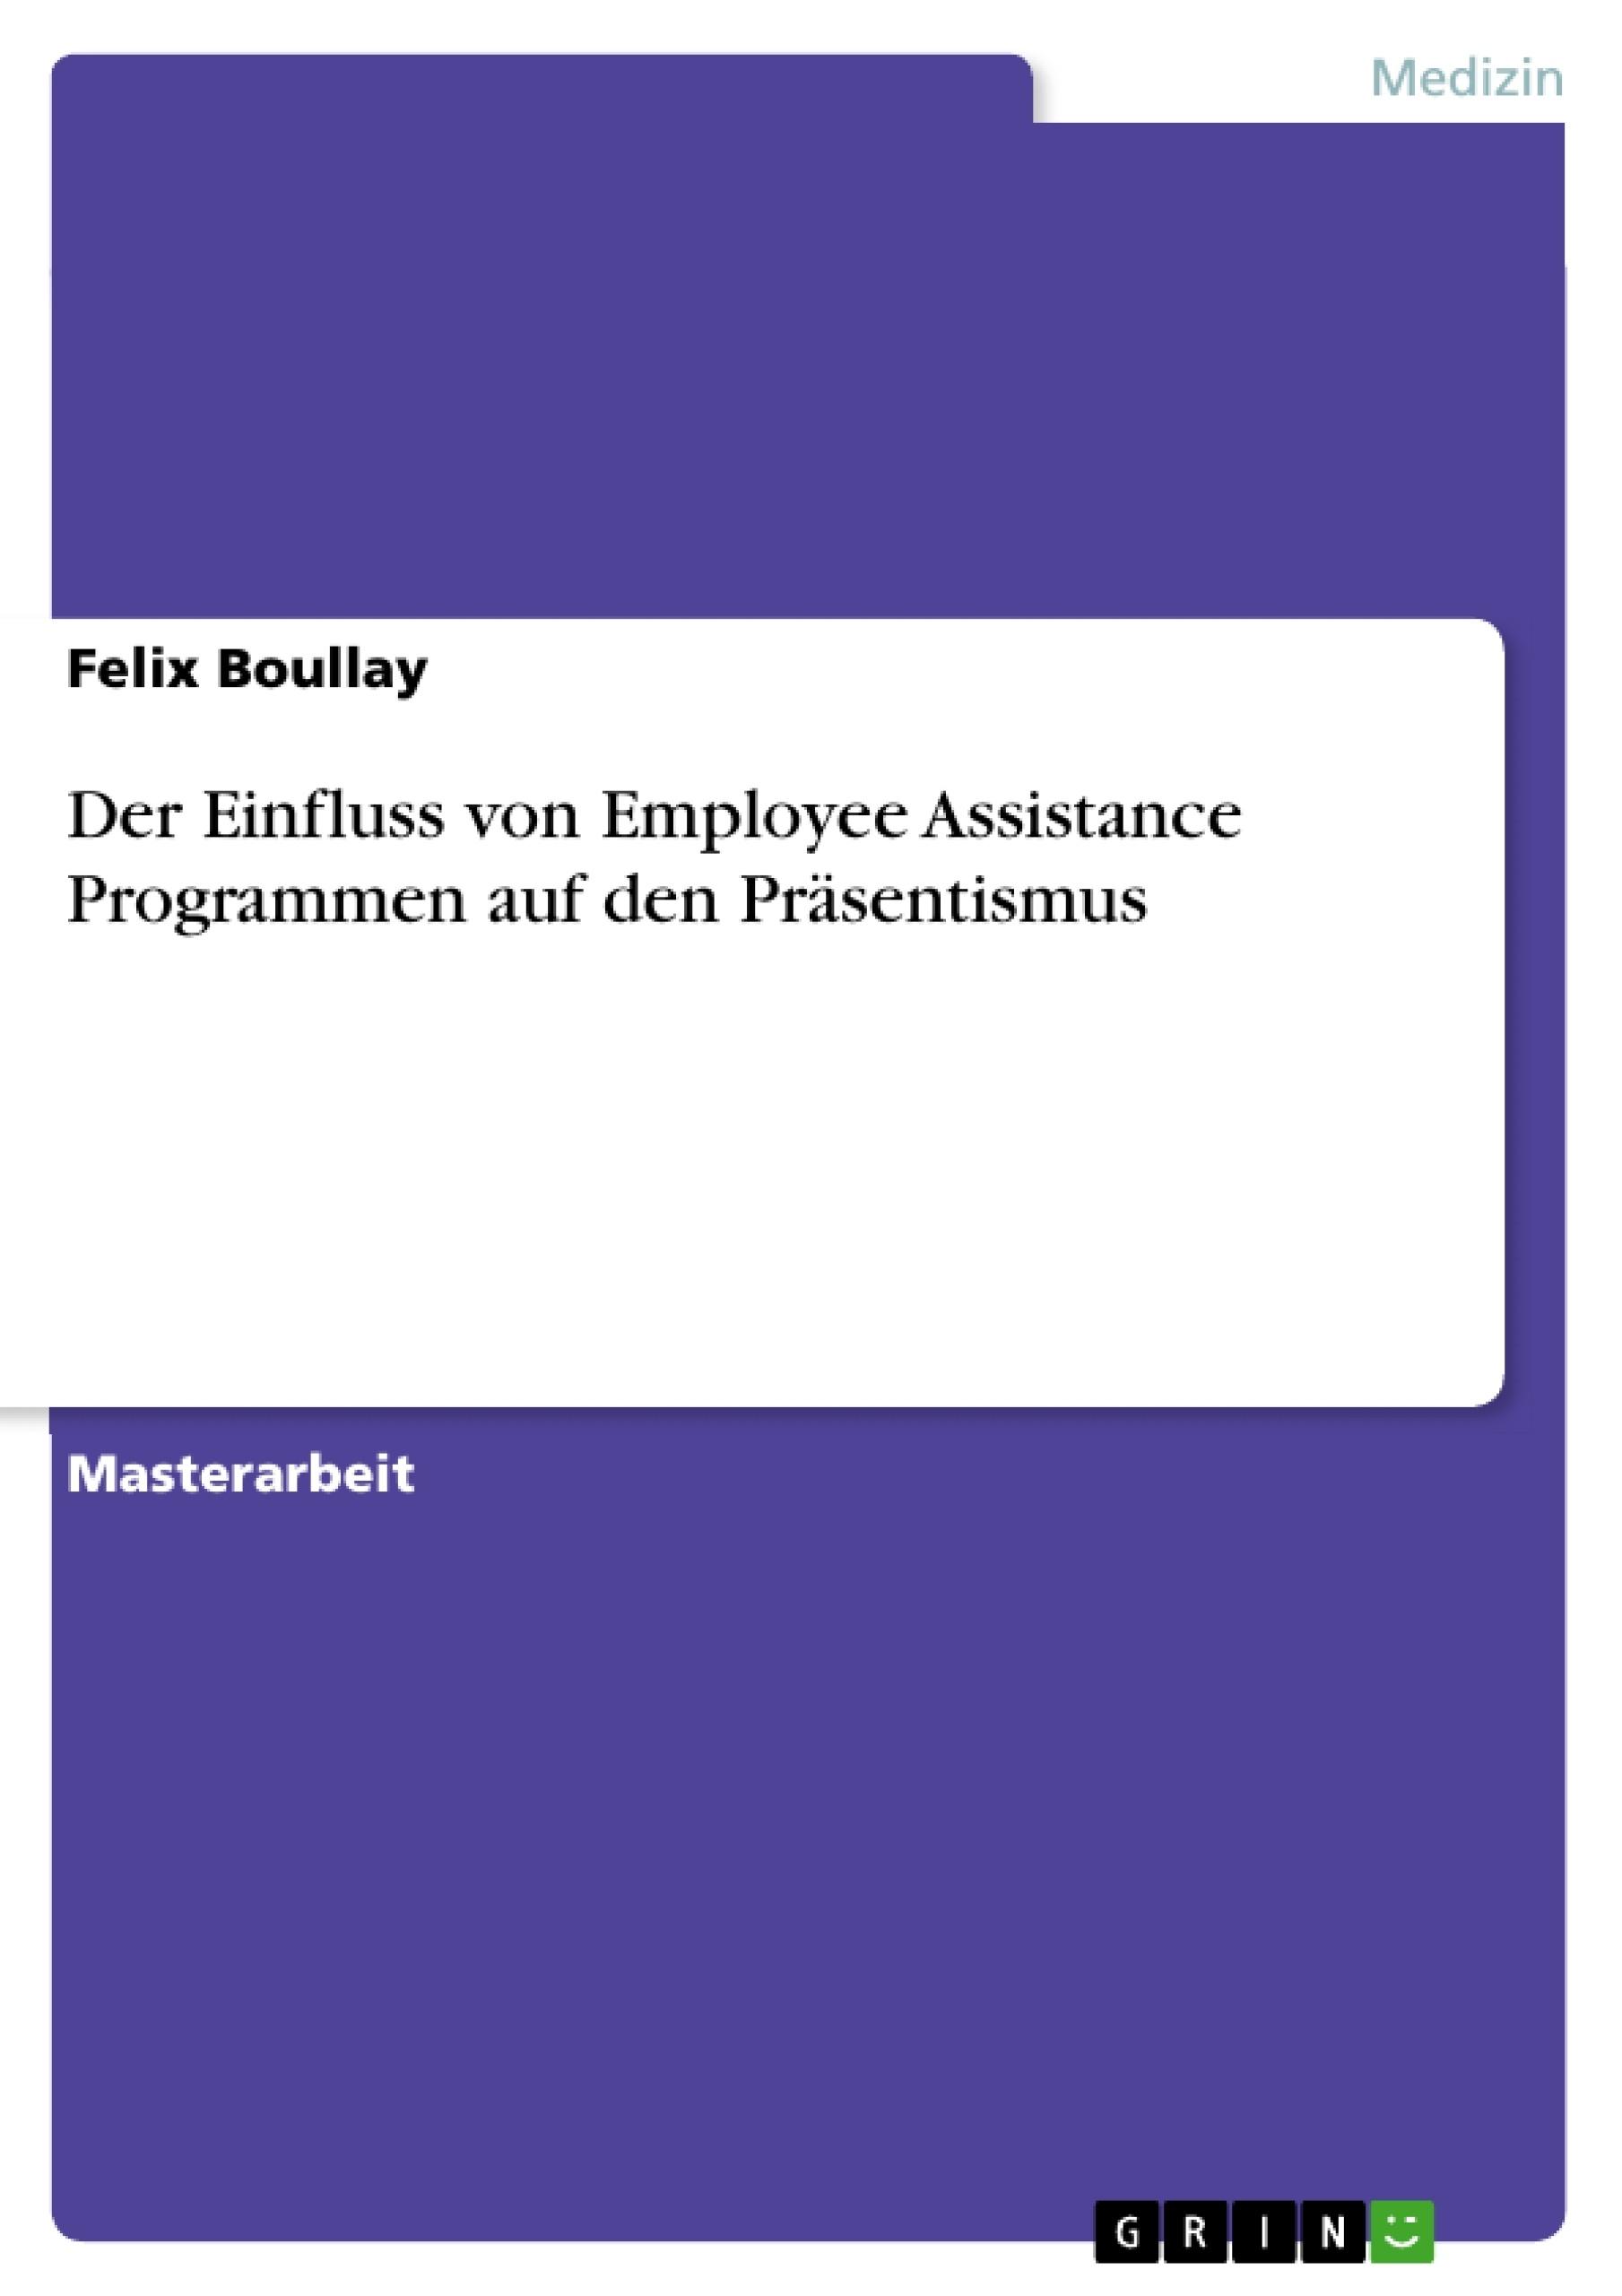 Titel: Der Einfluss von Employee Assistance Programmen auf den Präsentismus